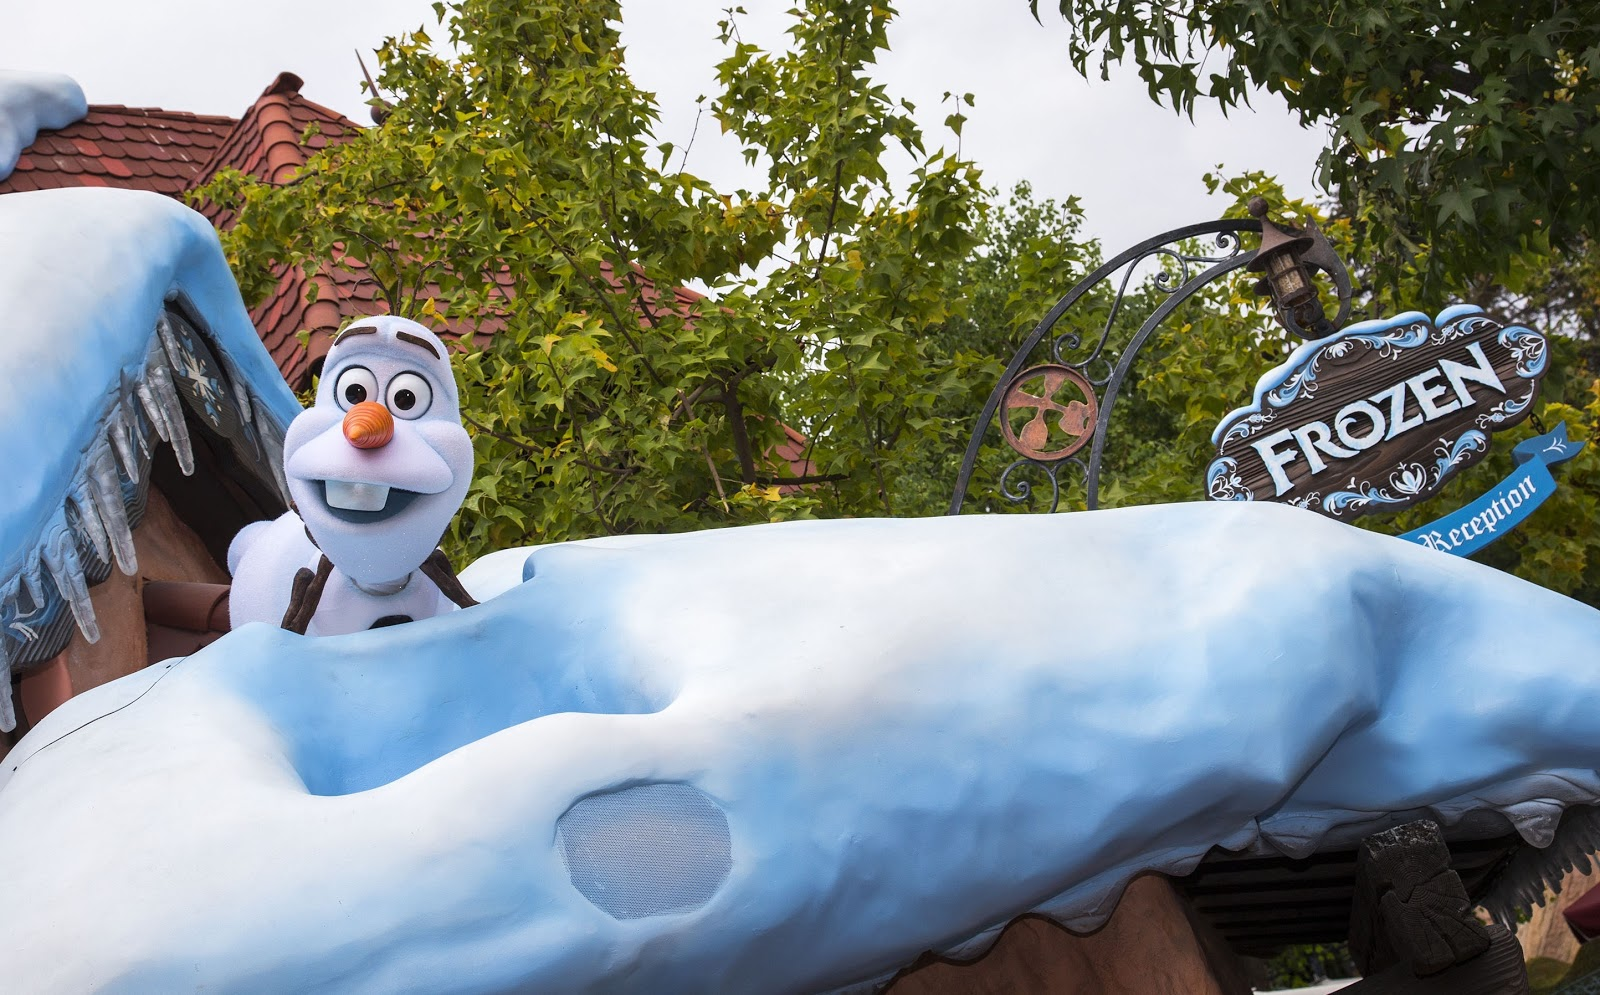 2. Frozen: Una aventura congelada